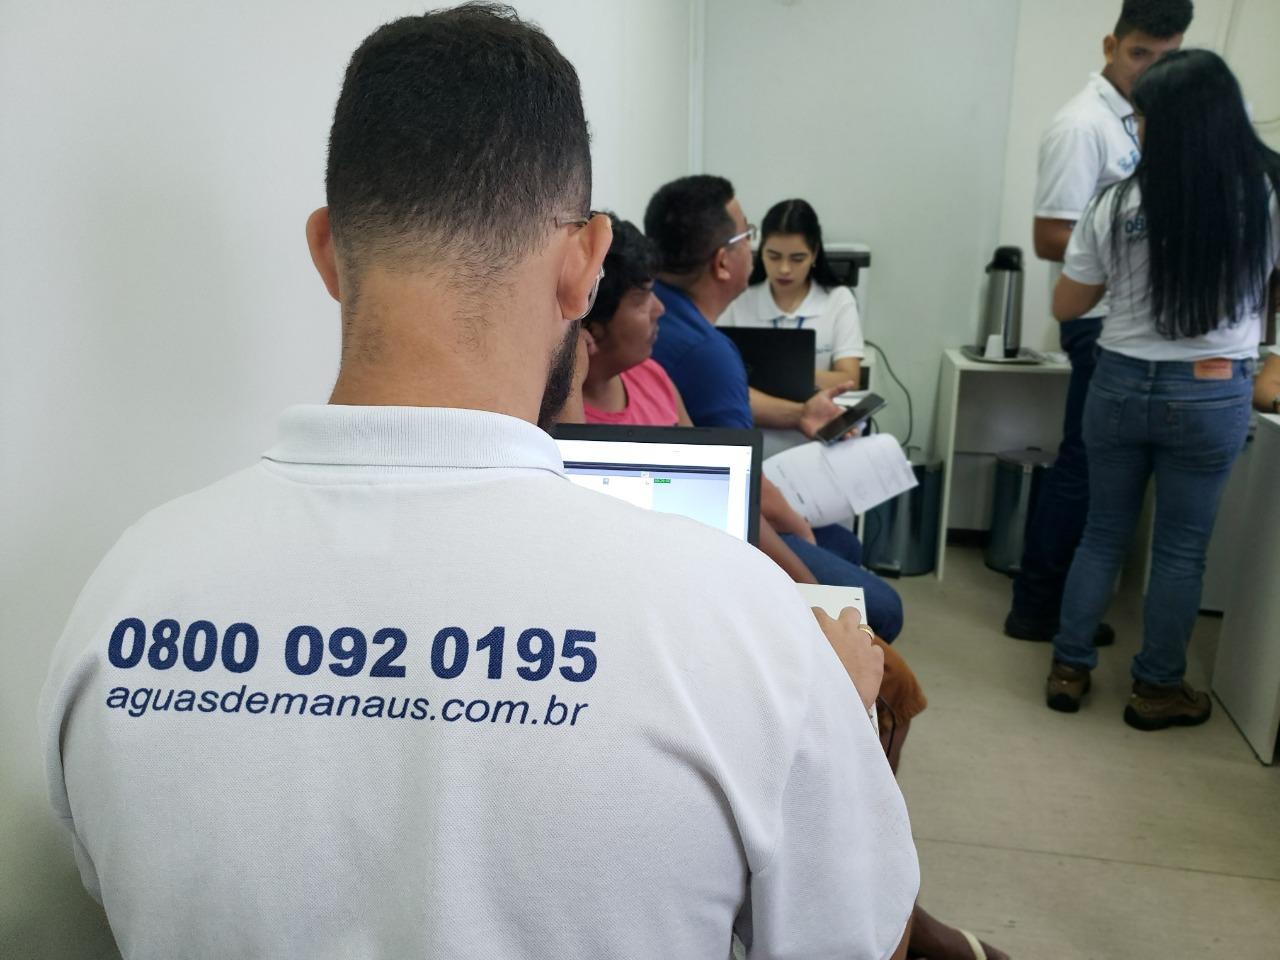 Confira os horários de atendimento presencial da Águas de Manaus no feriadão de Carnaval